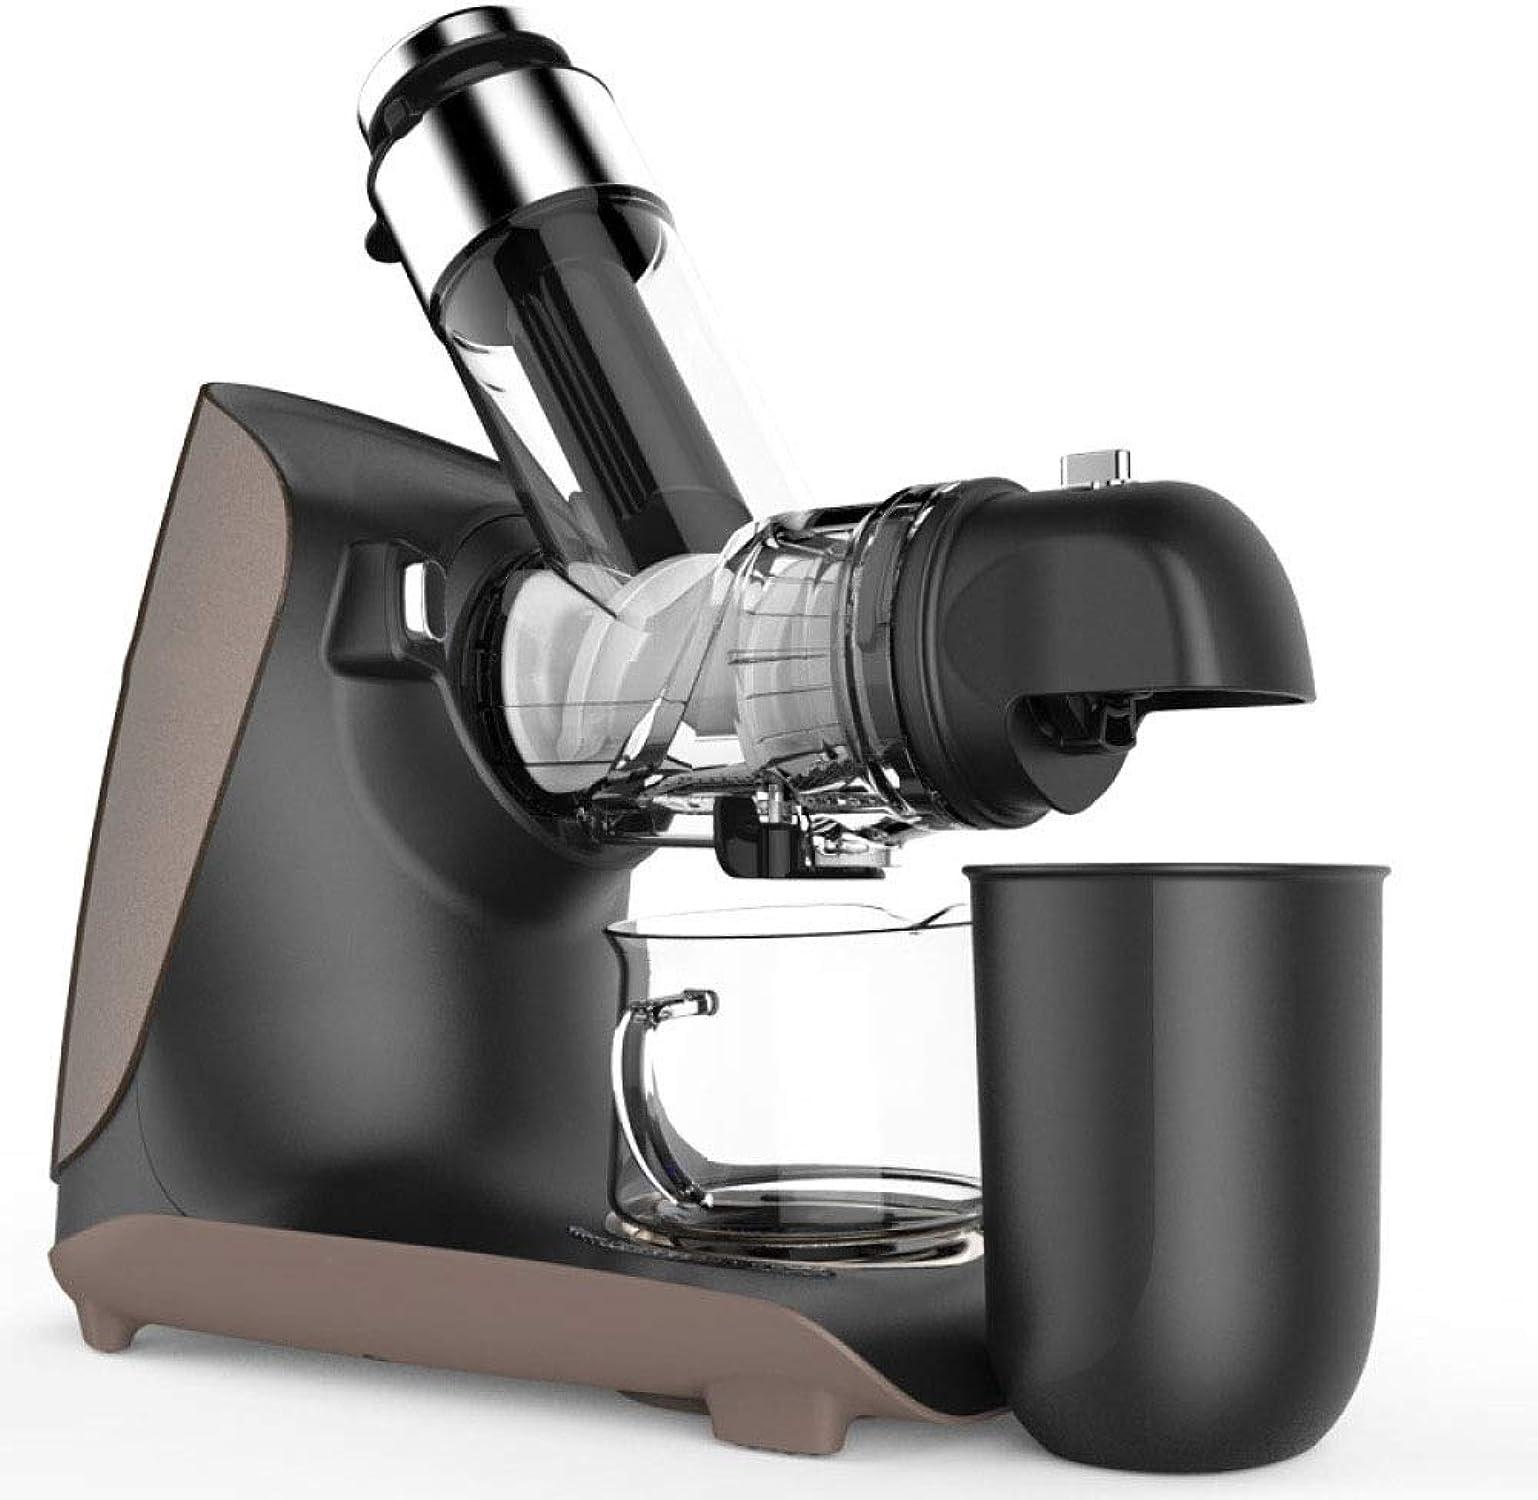 salida Lxj Exprimidor con Jugo preservación al vacío horizontales Jugo Jugo Jugo Crudo de la máquina de calefacción  suministro directo de los fabricantes